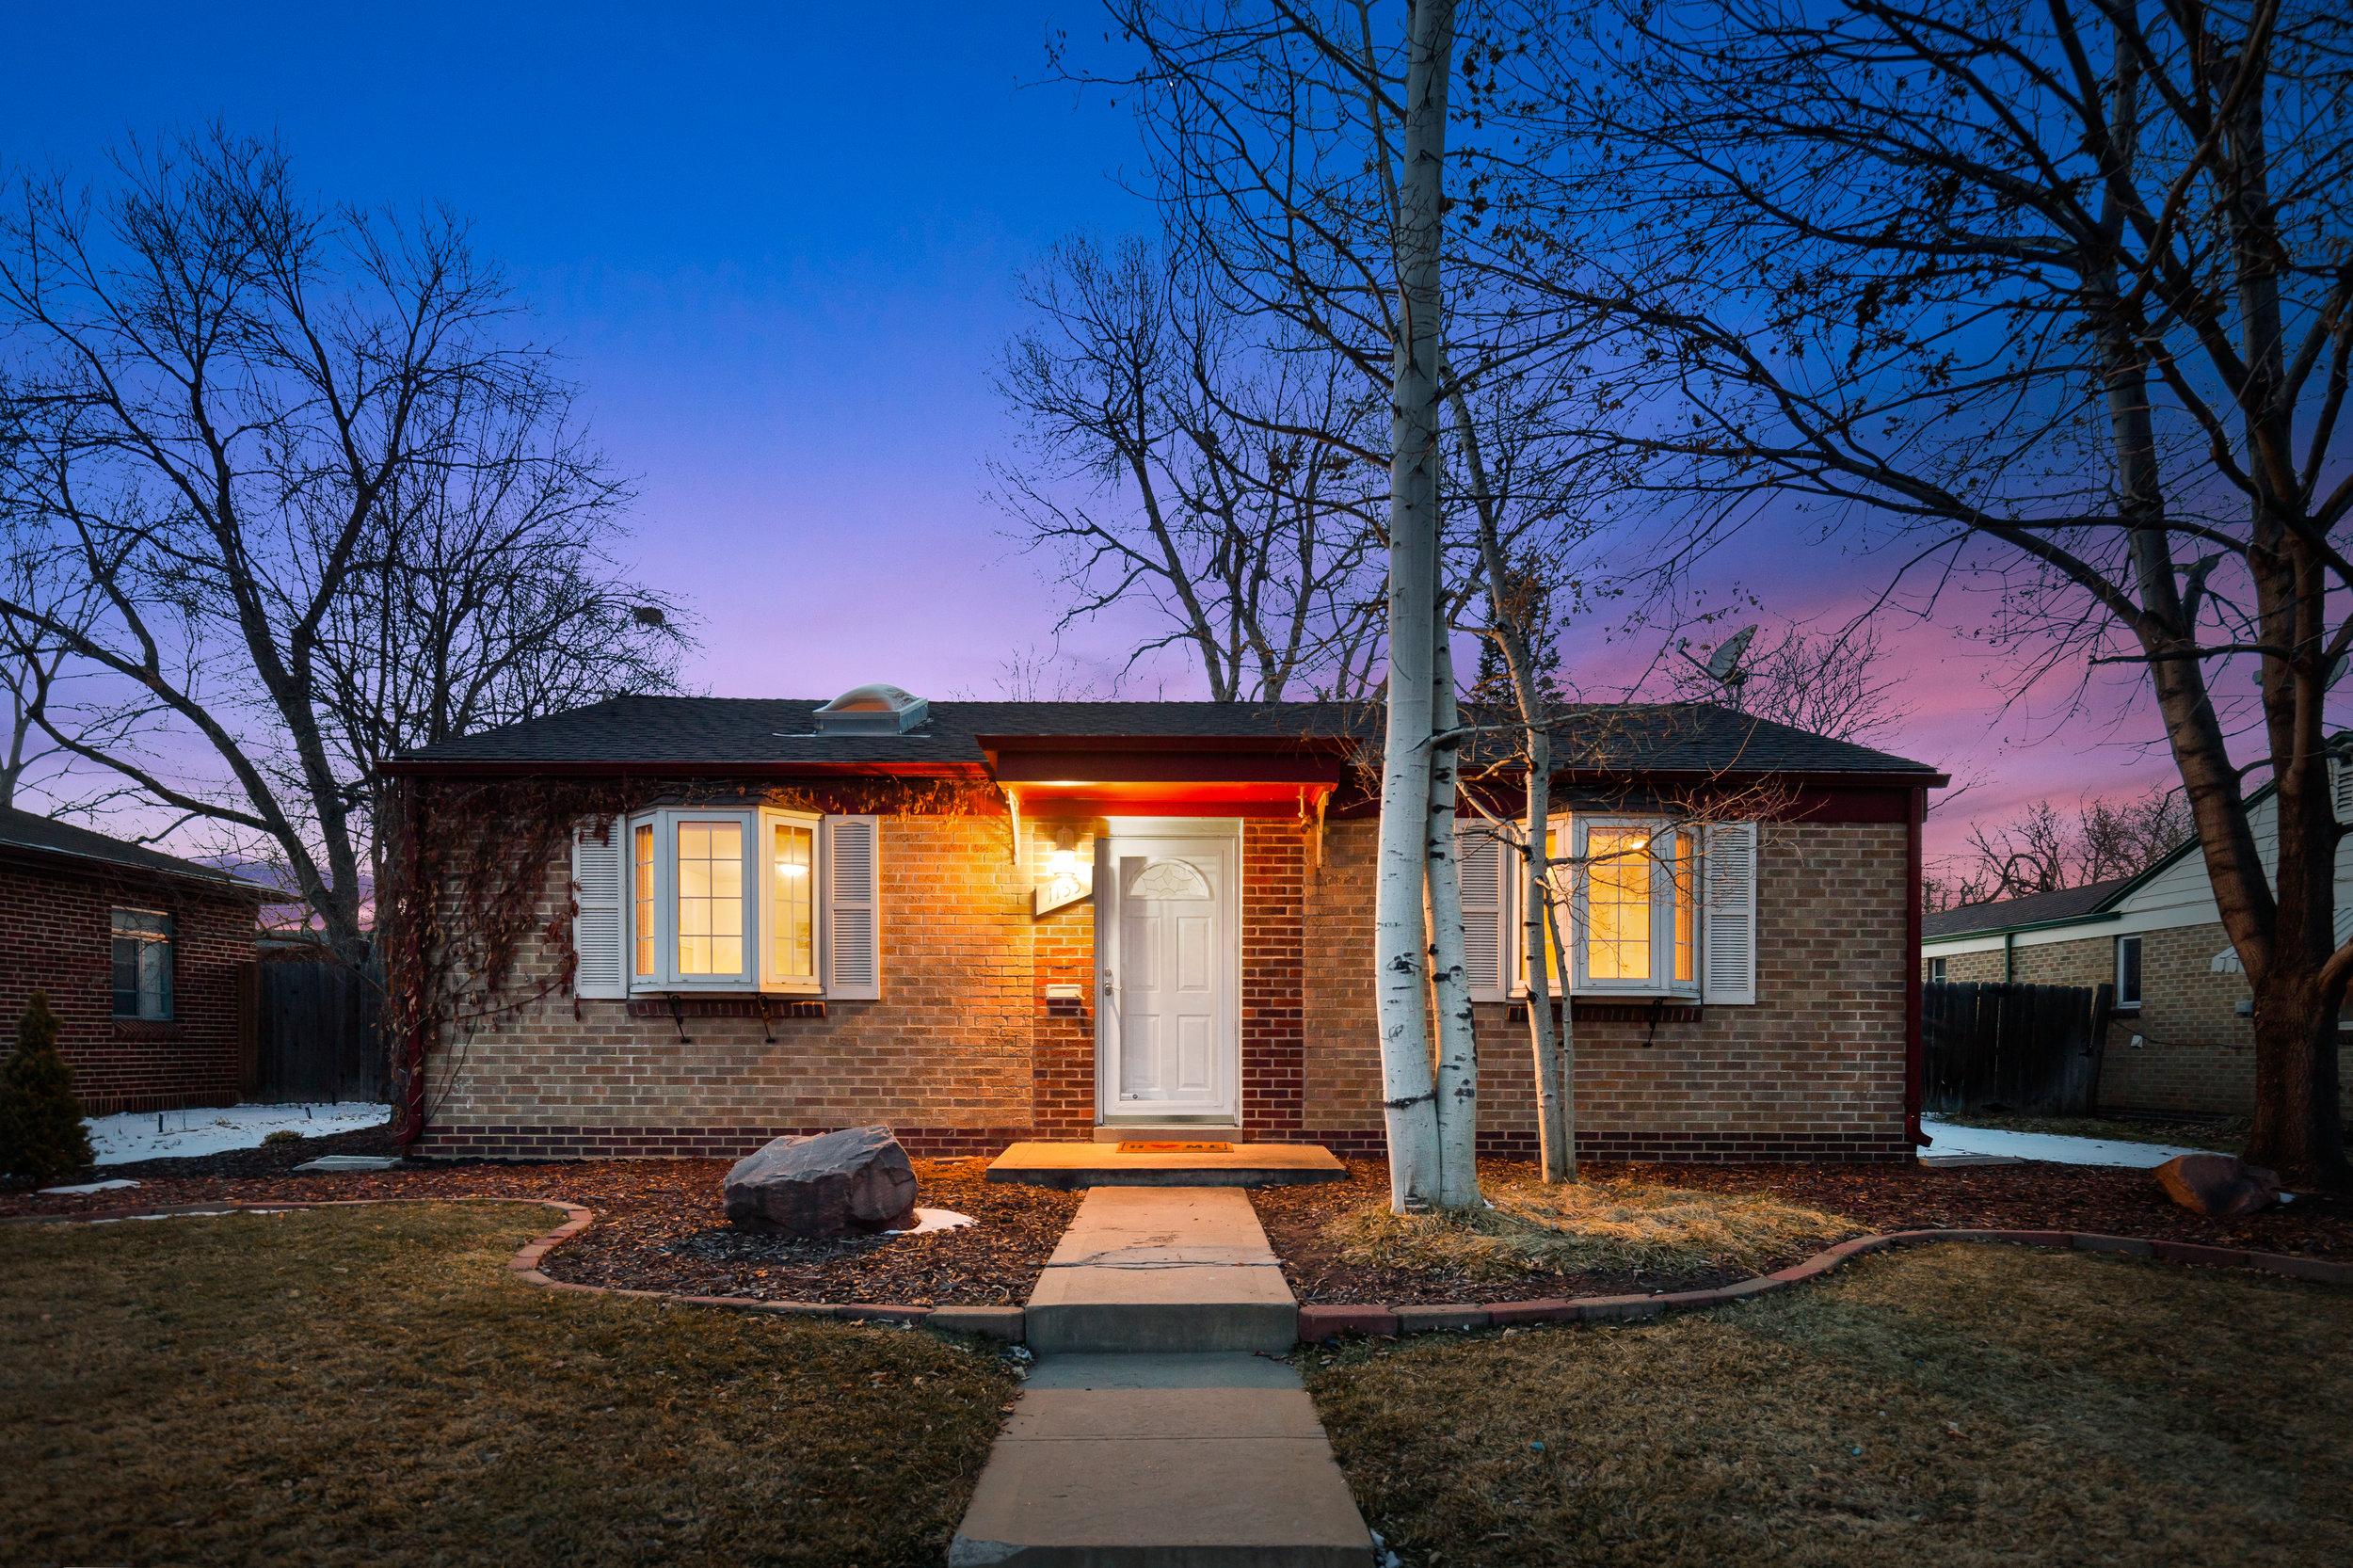 Sold - 1135 Poplar St3 bedrooms, 1.5 bathrooms$482,500